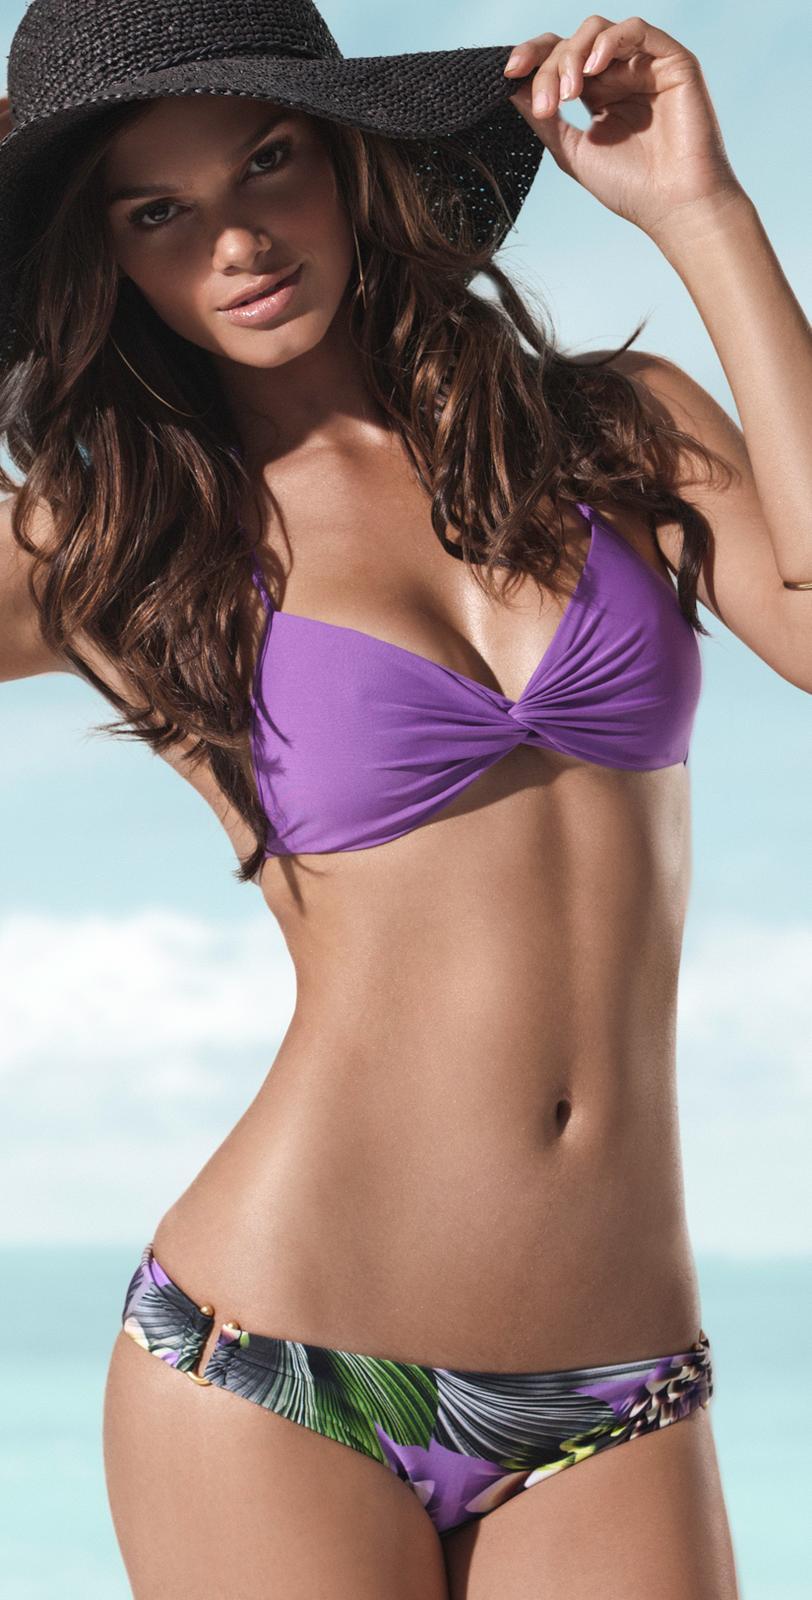 L Space 2012 South Beach Twister Bikini  | South Beach Swimsuits